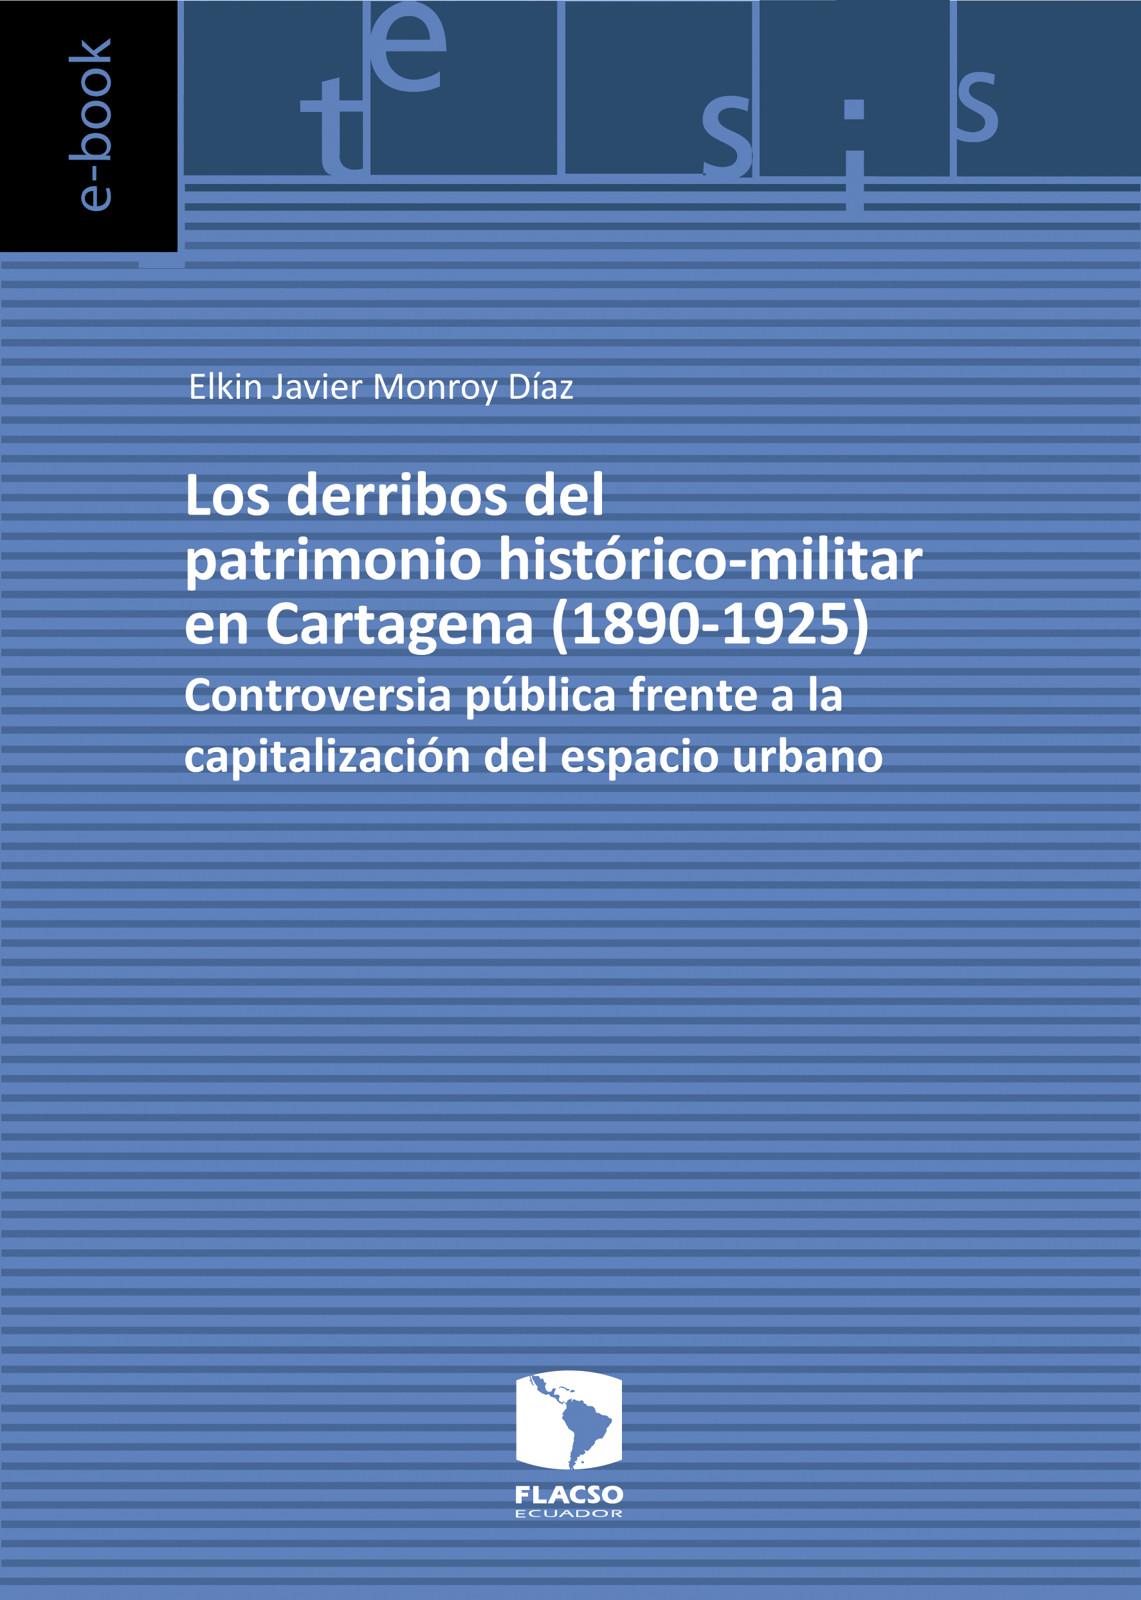 Los derribos del patrimonio histórico-militar en Cartagena (1890-1925). Controversia pública frente a la capitalización del espacio urbano